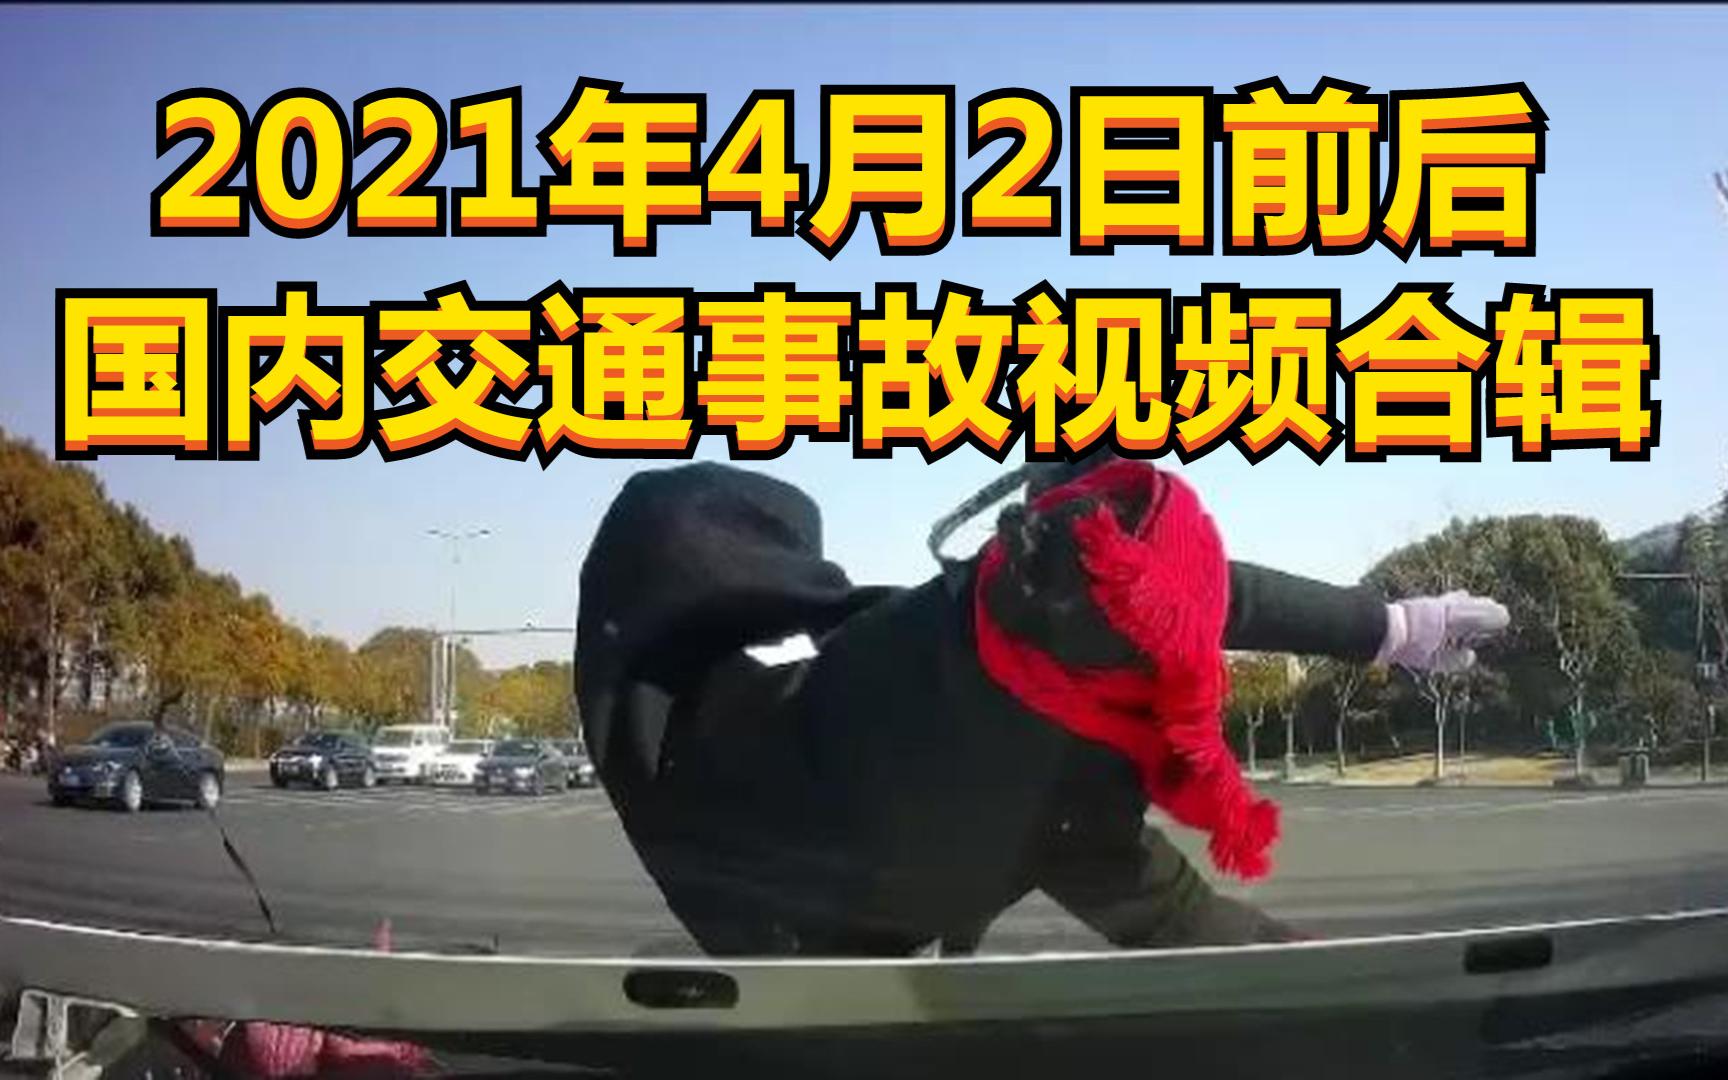 2021年4月2日前后国内交通事故视频合辑